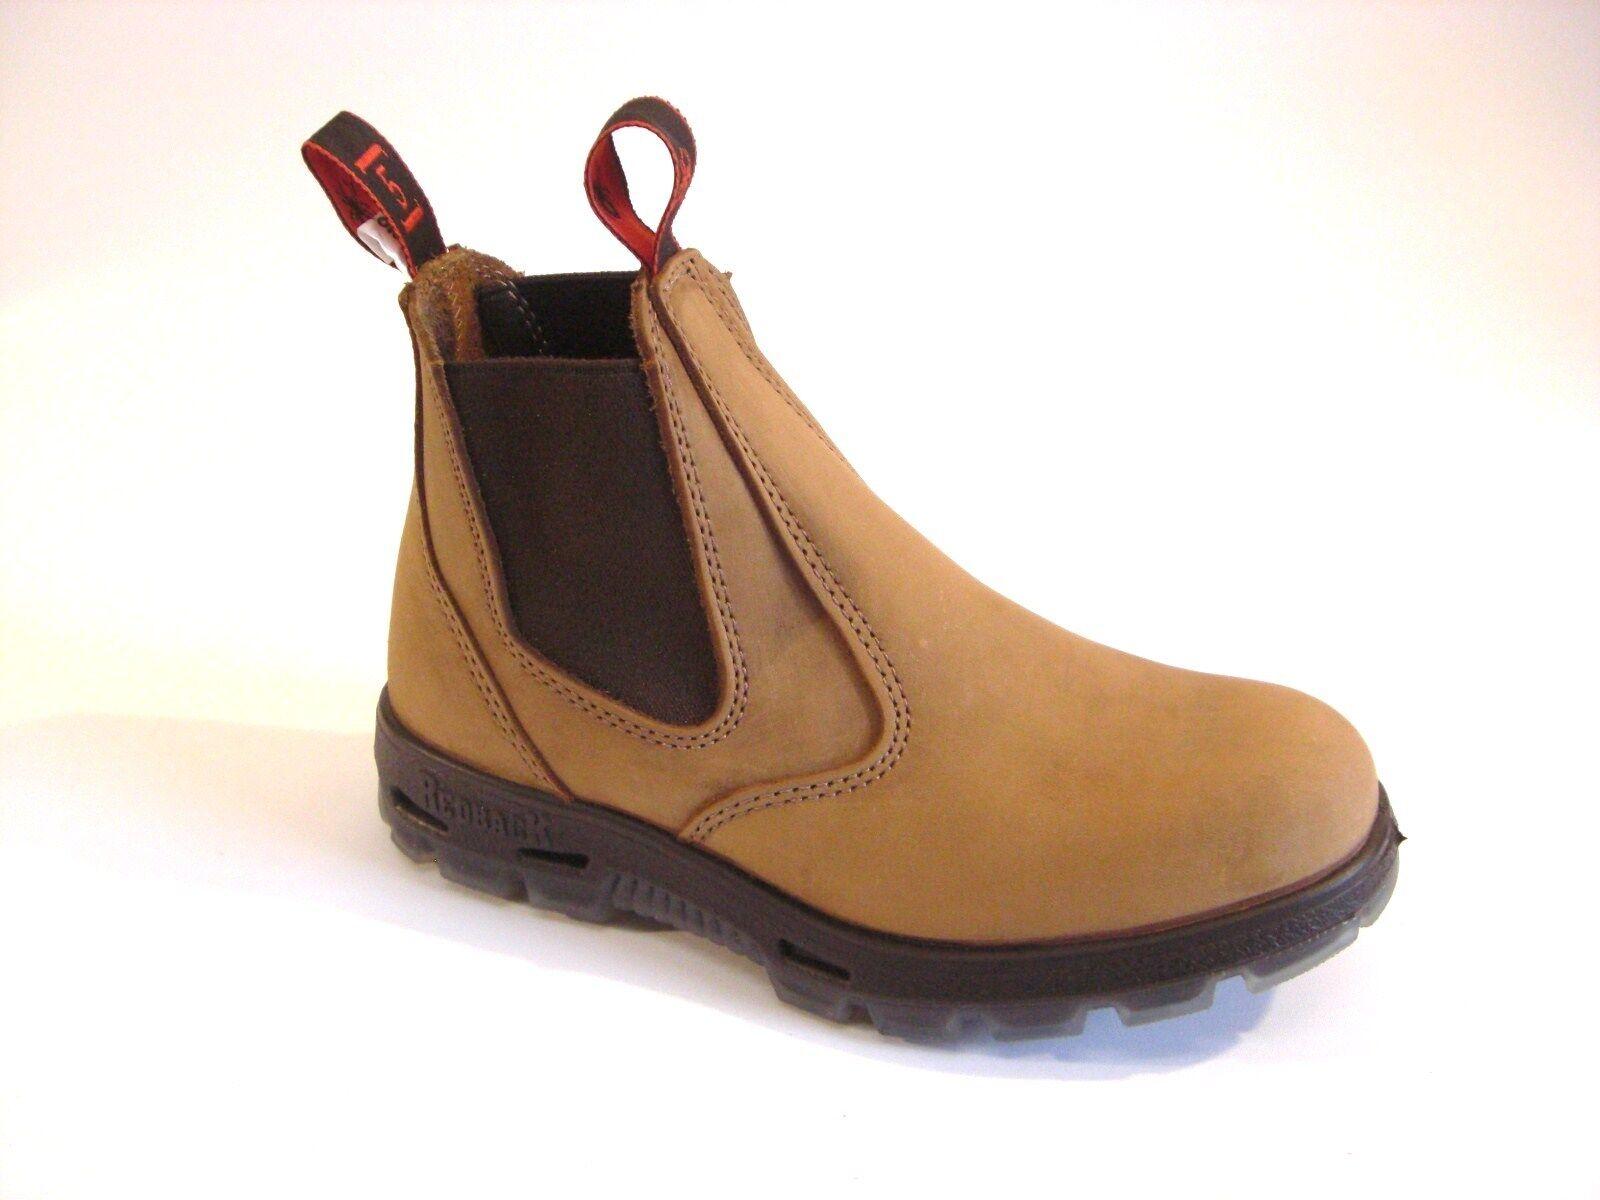 AUSTRALIANA redback trabajo botas botines botas de de de trabajo redback 06eca5